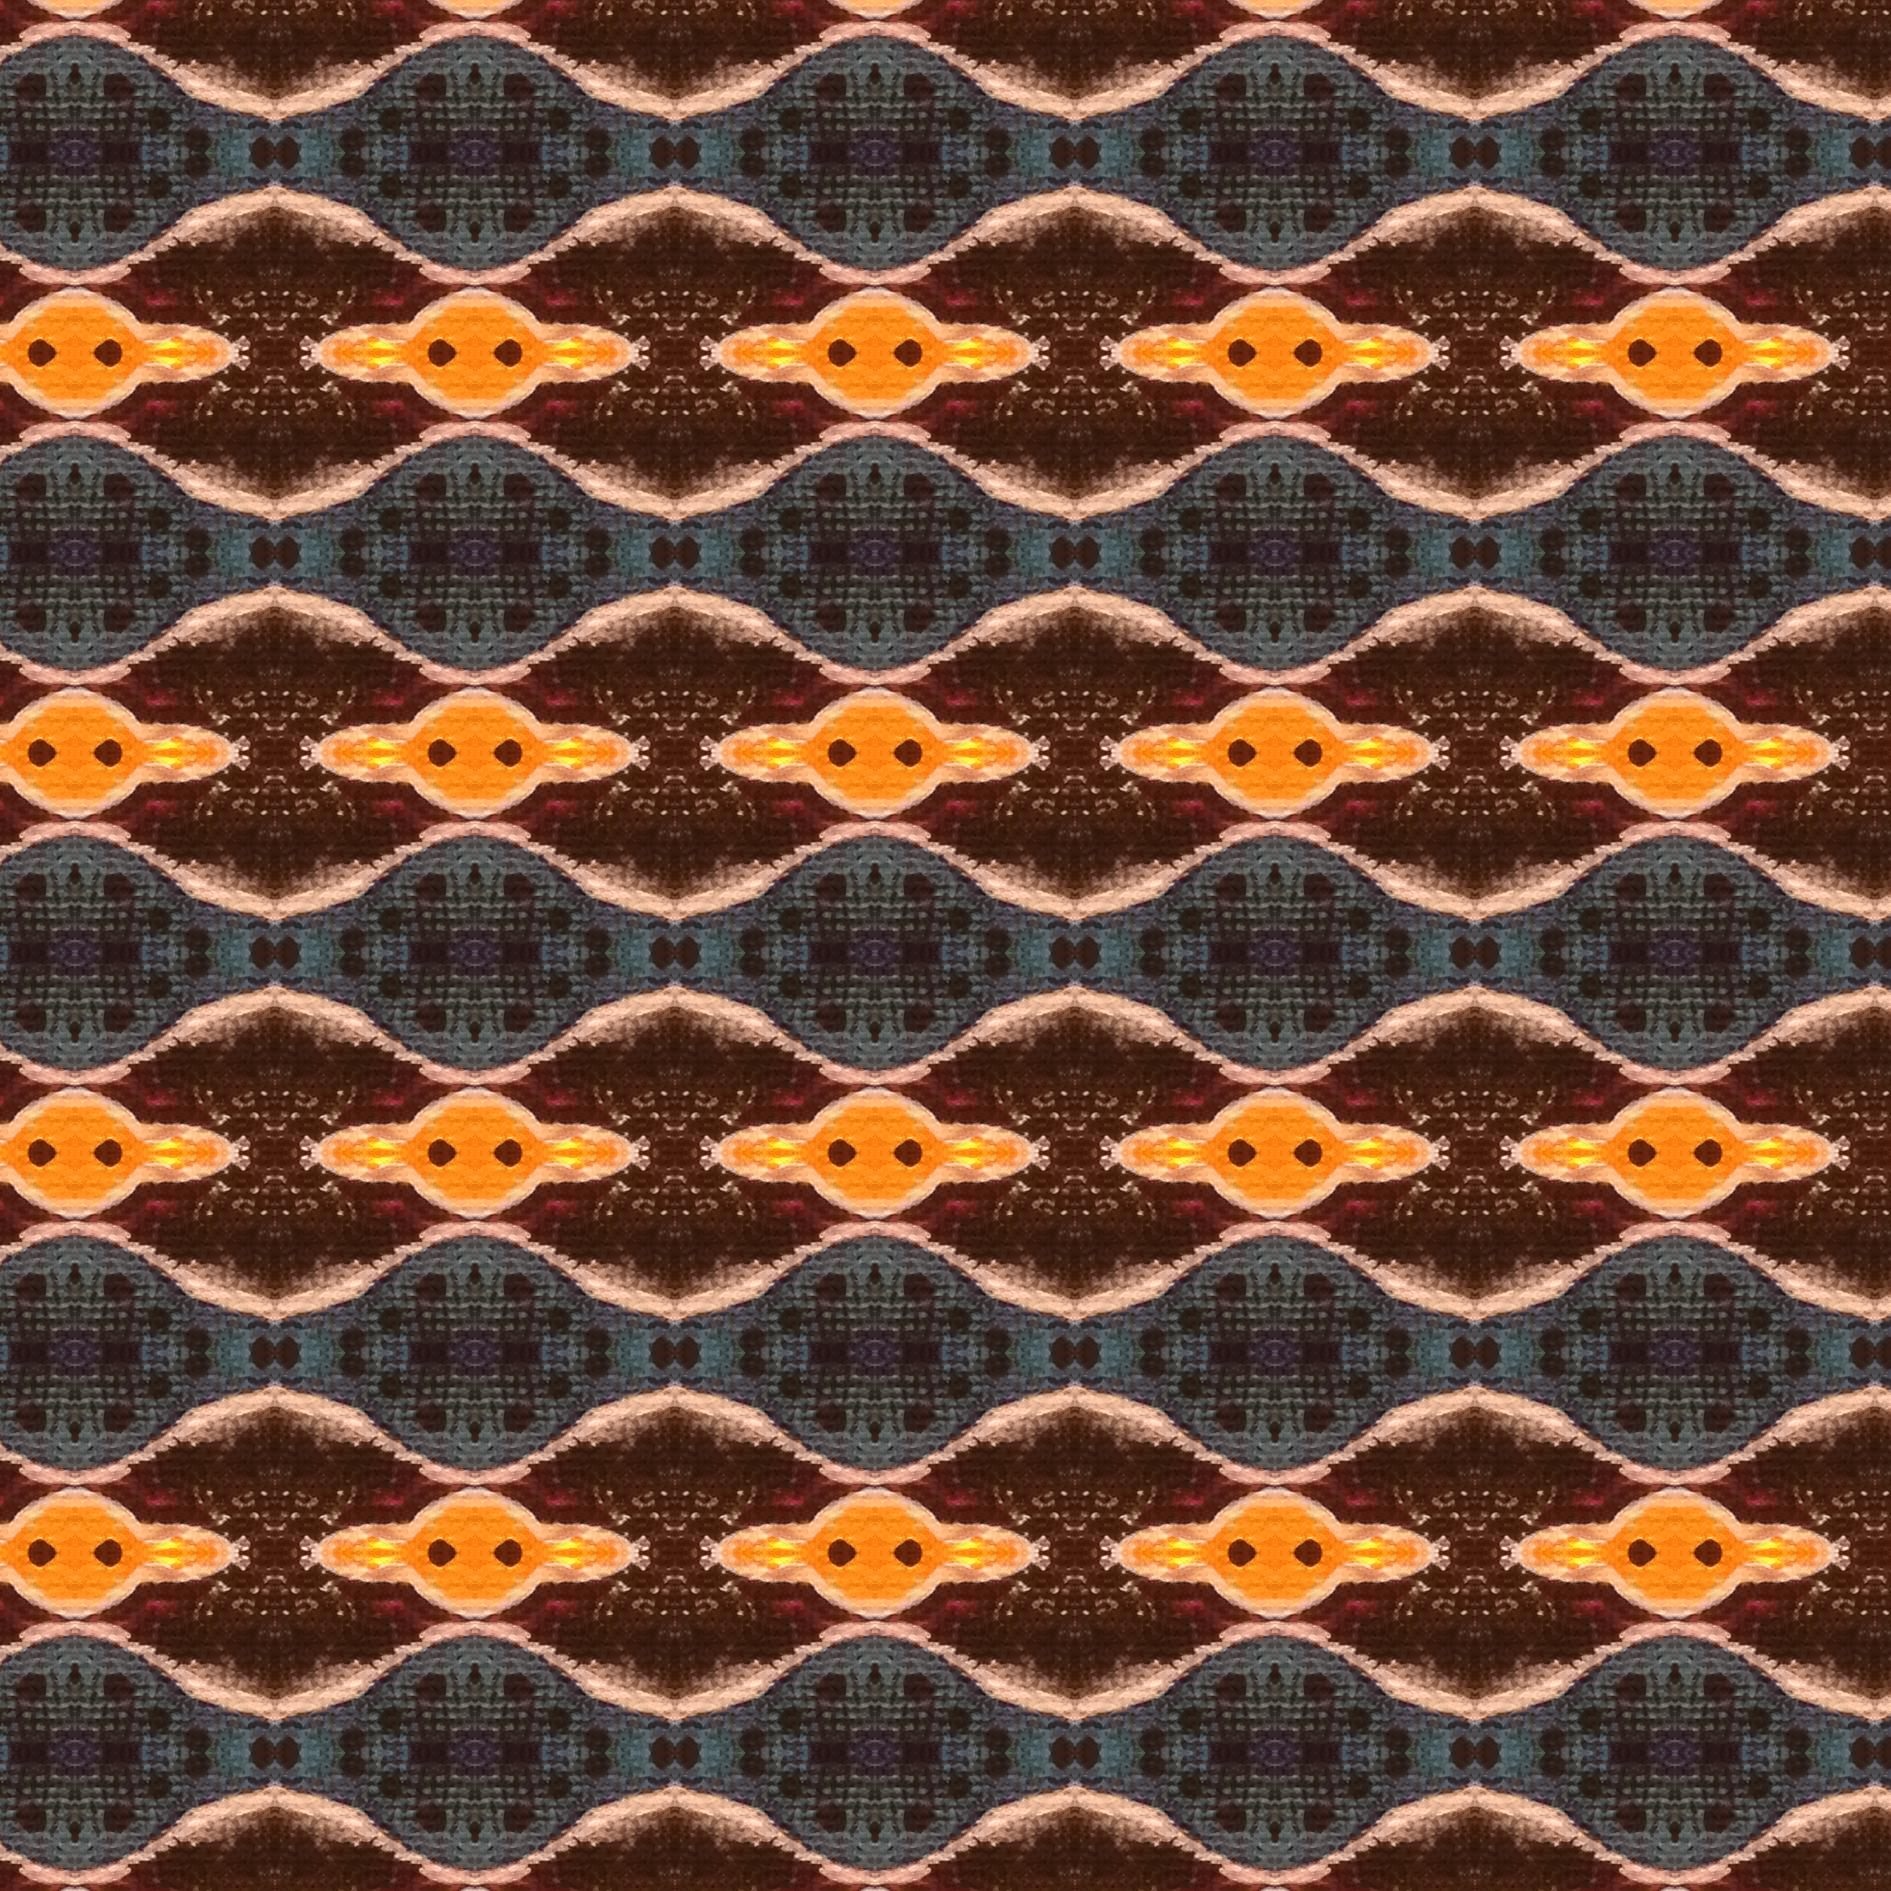 Fabric design _8873_4i